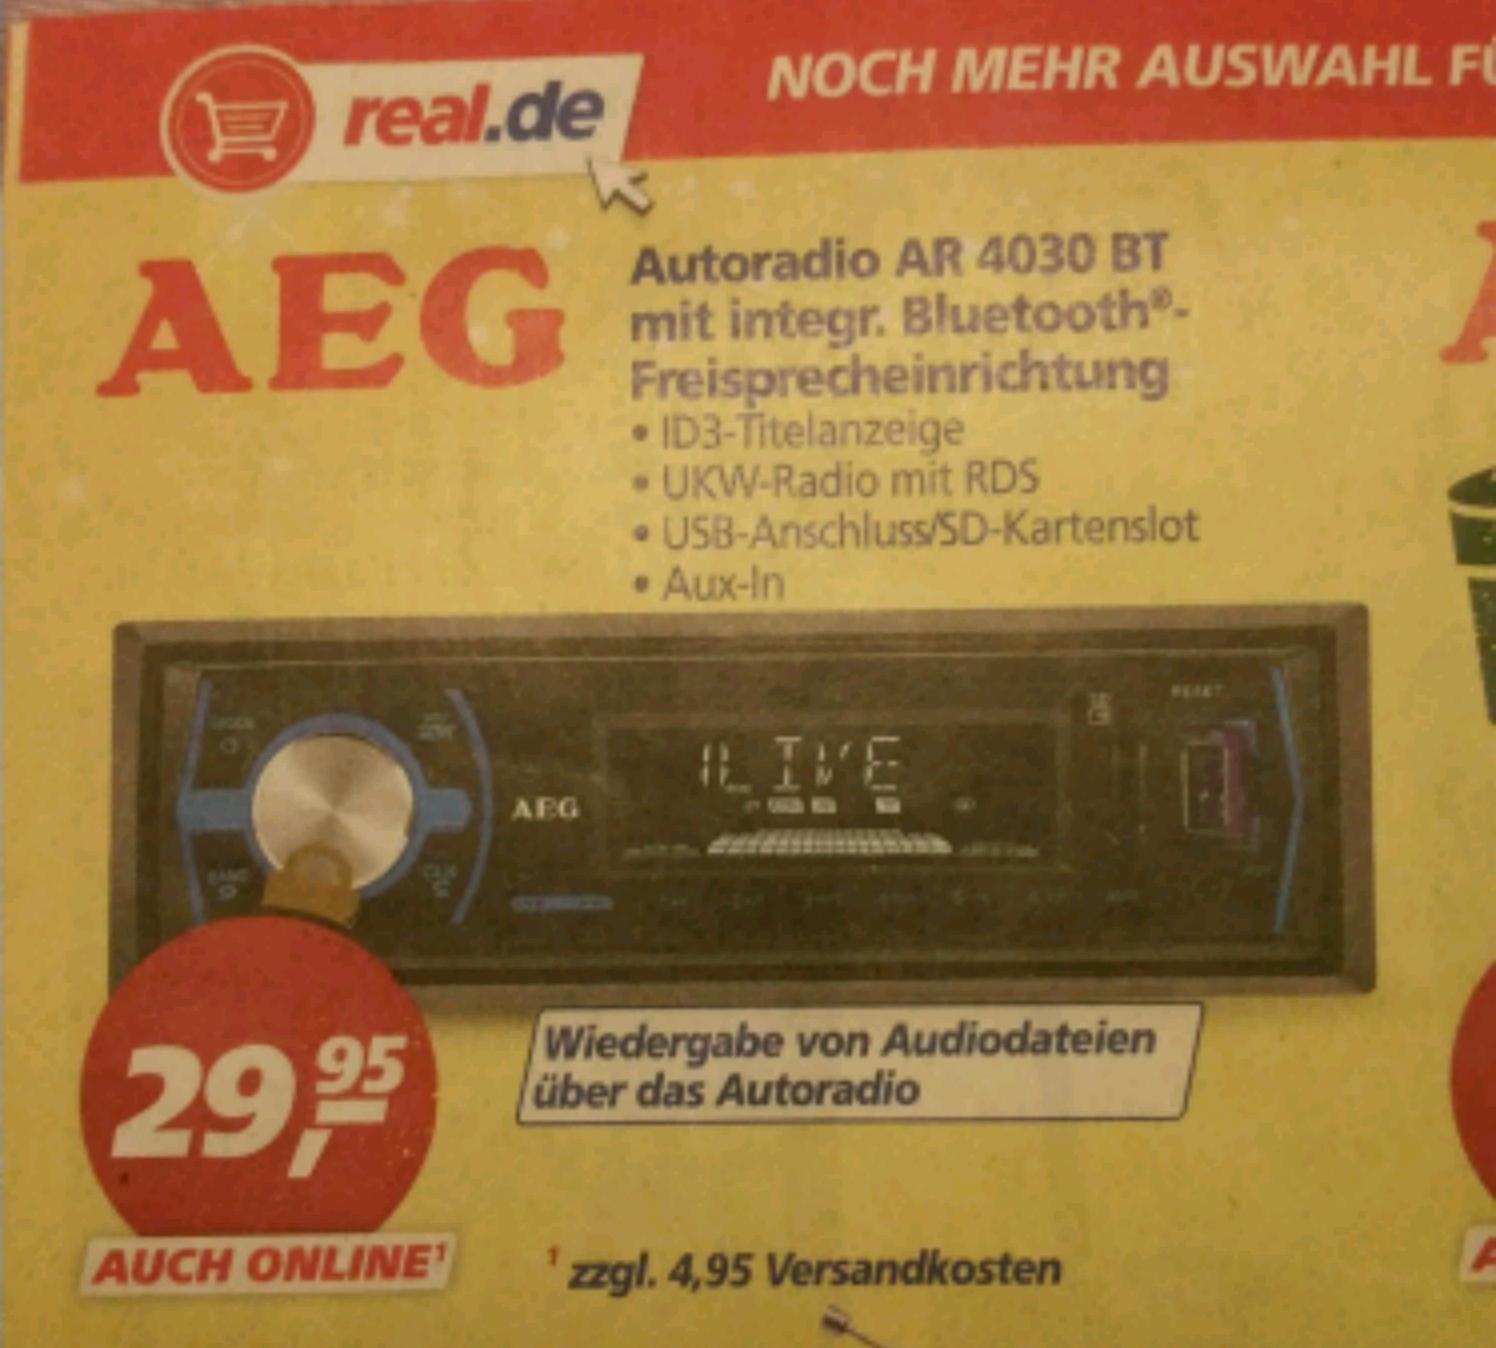 AEG Autoradio mit Bluetooth, SD Card Slot, USB und Aux-In